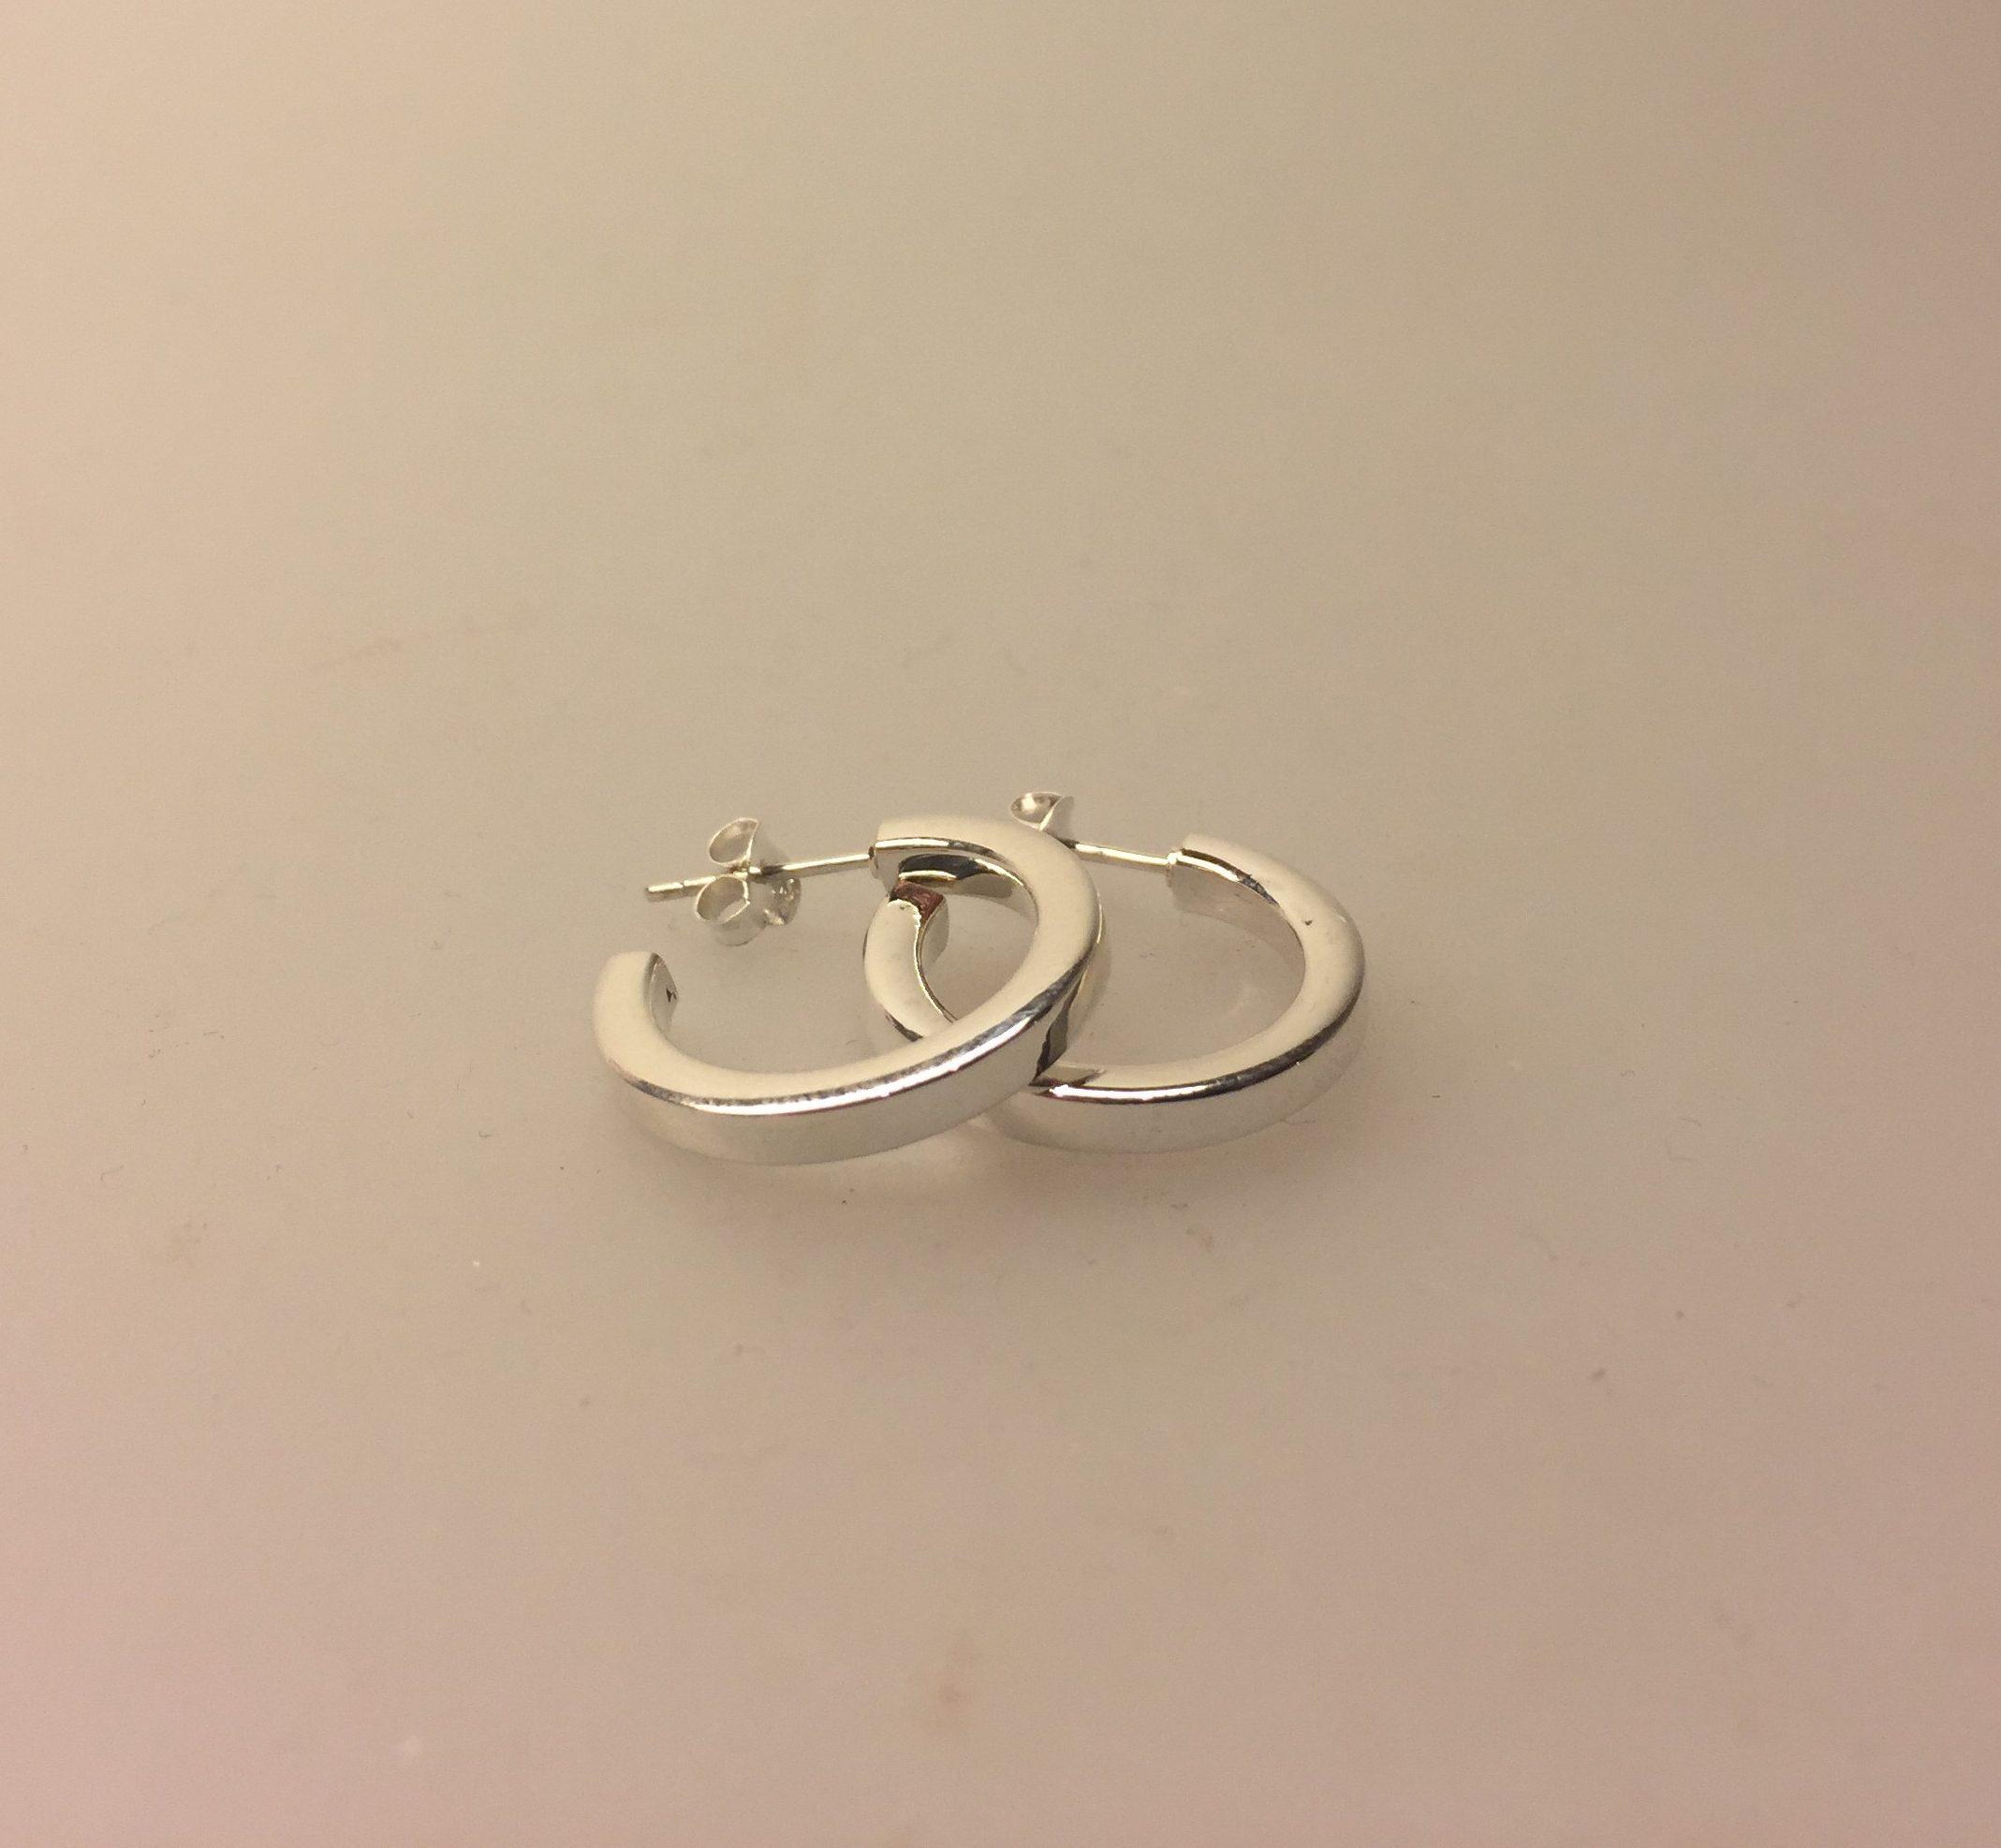 6ced5eae3b9 Ø 20 mm Creoler sølv - hoops med stik kantede, ægte sølv, nikkelfri,